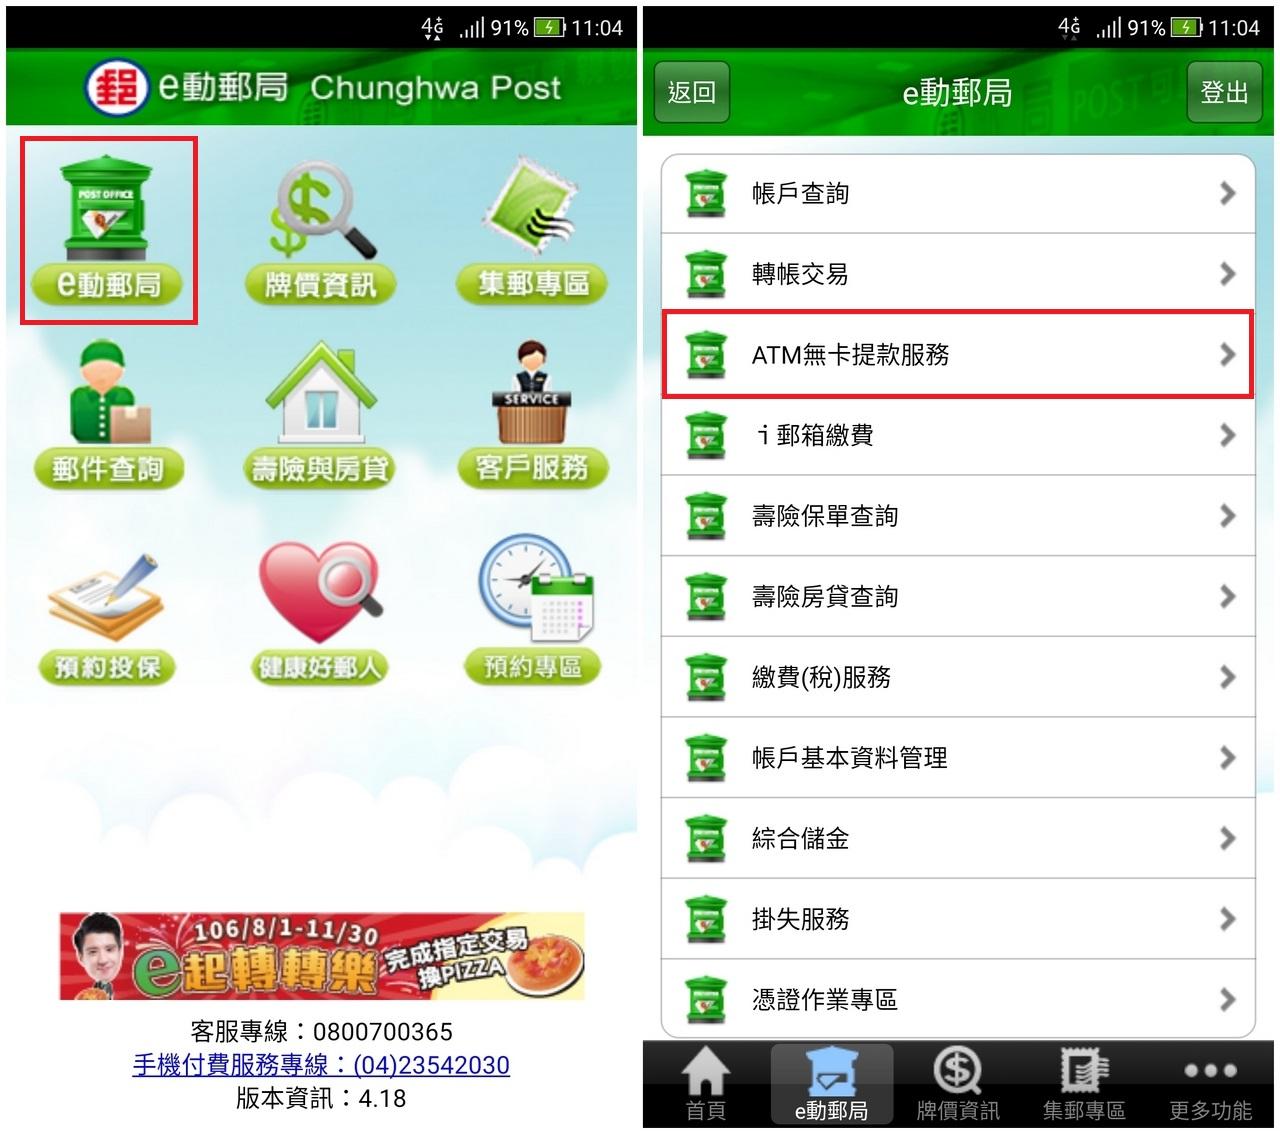 中華郵政推出 ATM無卡跨行提領